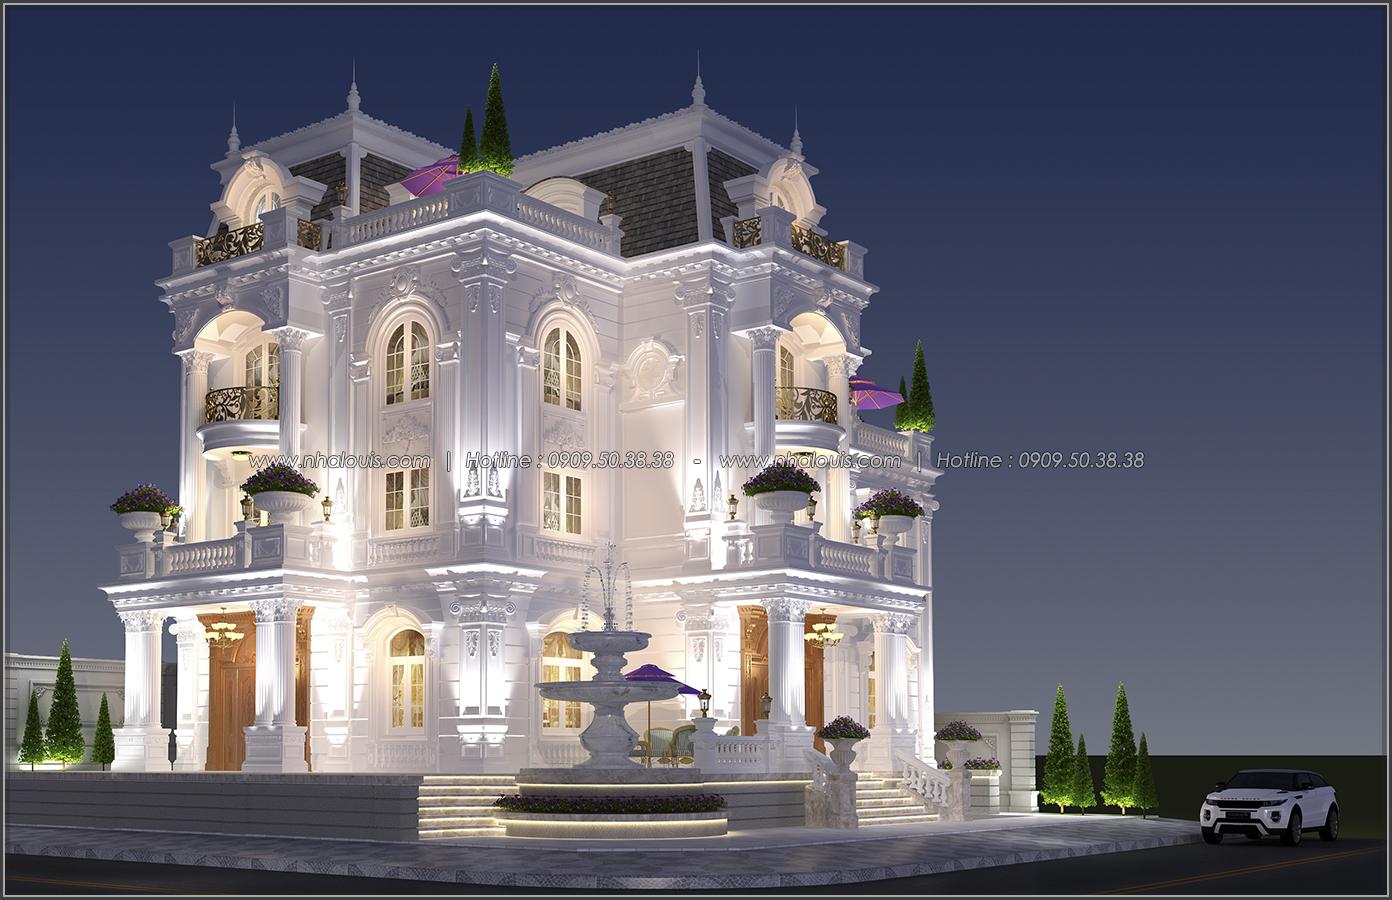 Tinh hoa của đẳng cấp từ thiết kế biệt thự 3 tầng cổ điển tại Bình Tân - 02